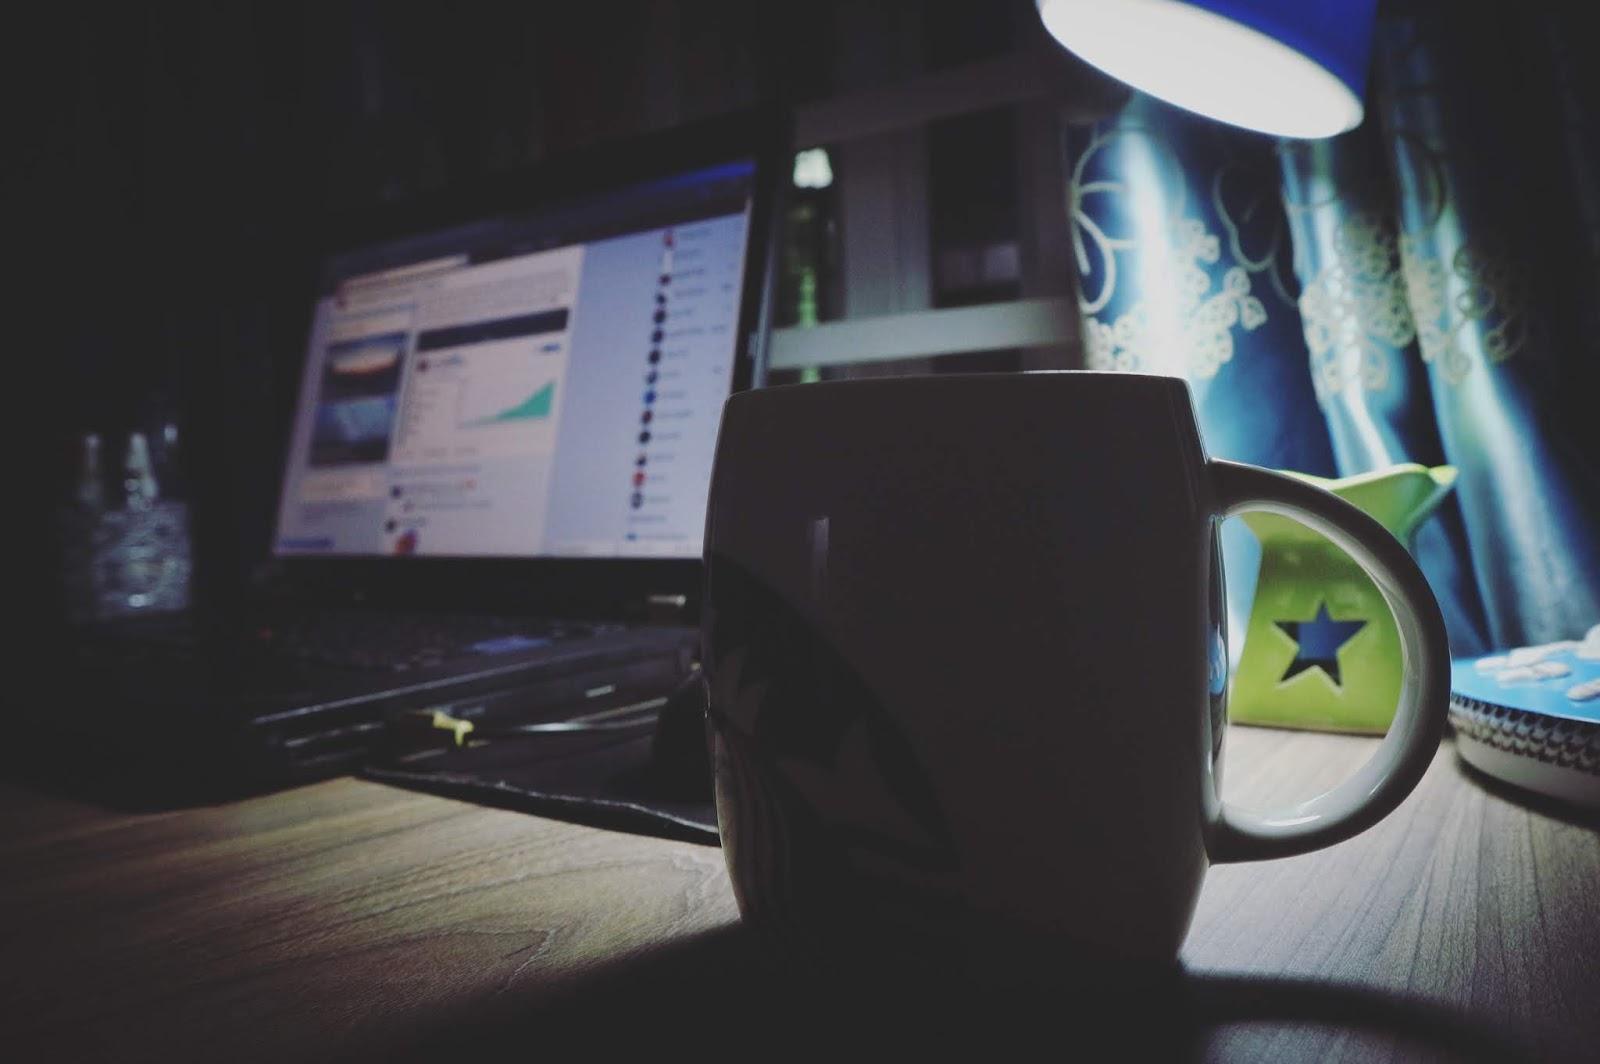 دورة الربح من اليوتيوب - هل يمكن الإعتماد على اليوتيوب كمصدر ربح أساسي في الحياة ؟